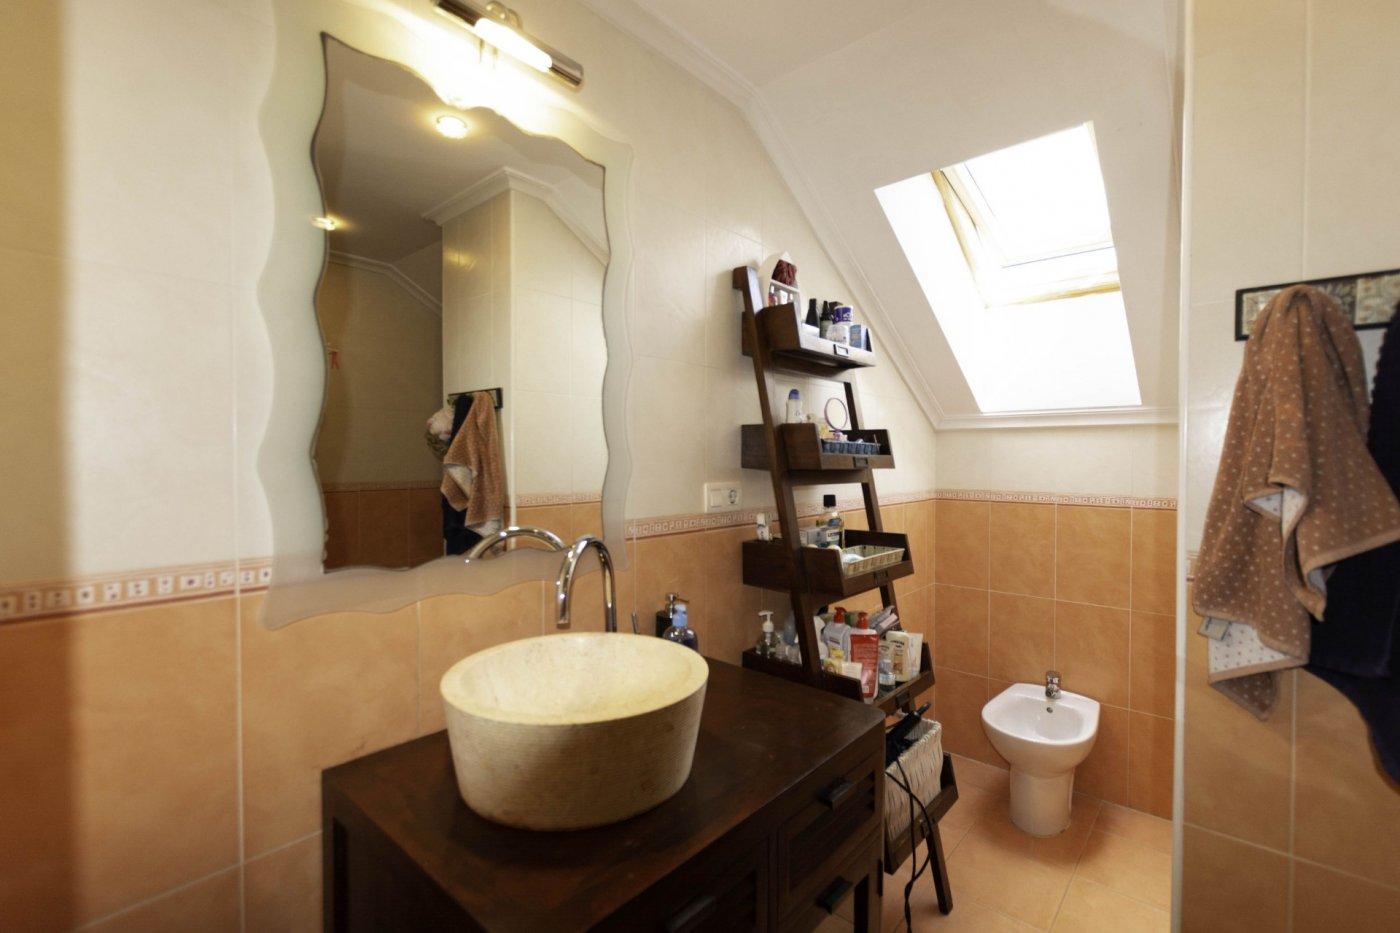 Ático con terraza de 11 m2, a 2 km de salinas - imagenInmueble18